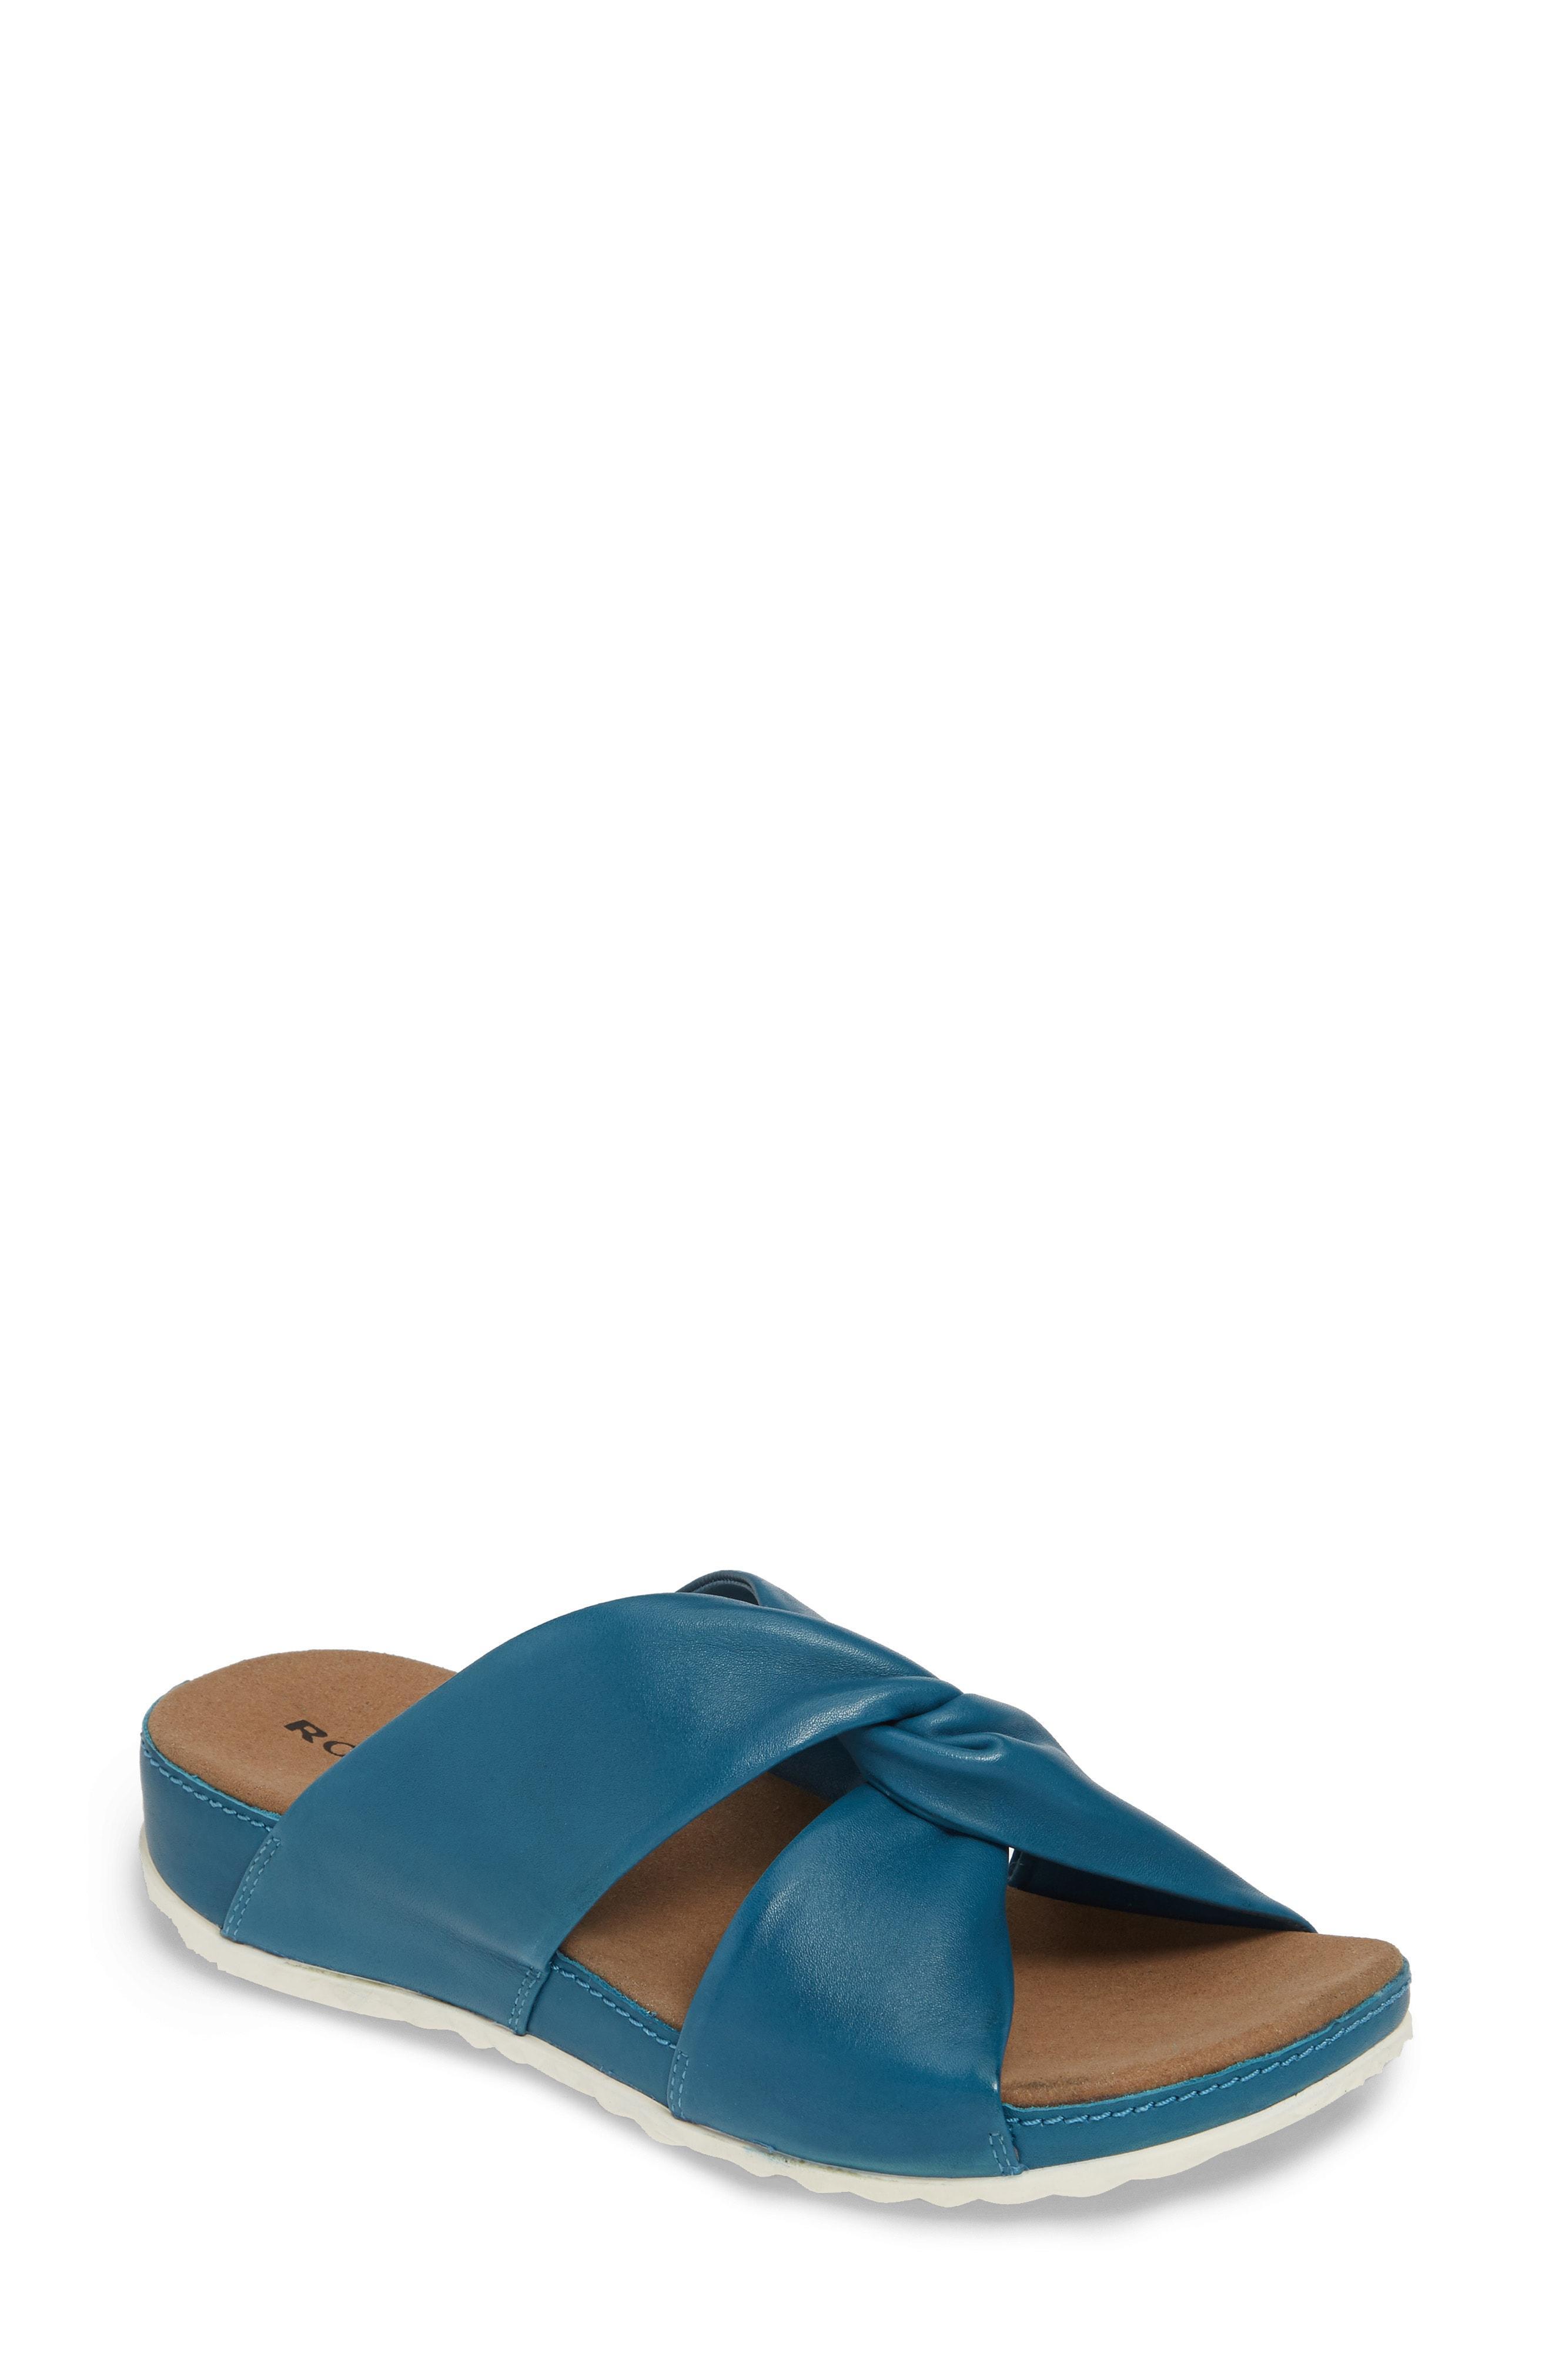 0e3cda46aff1 Lyst - Romika Romika Florenz 10 Slide Sandal in Blue